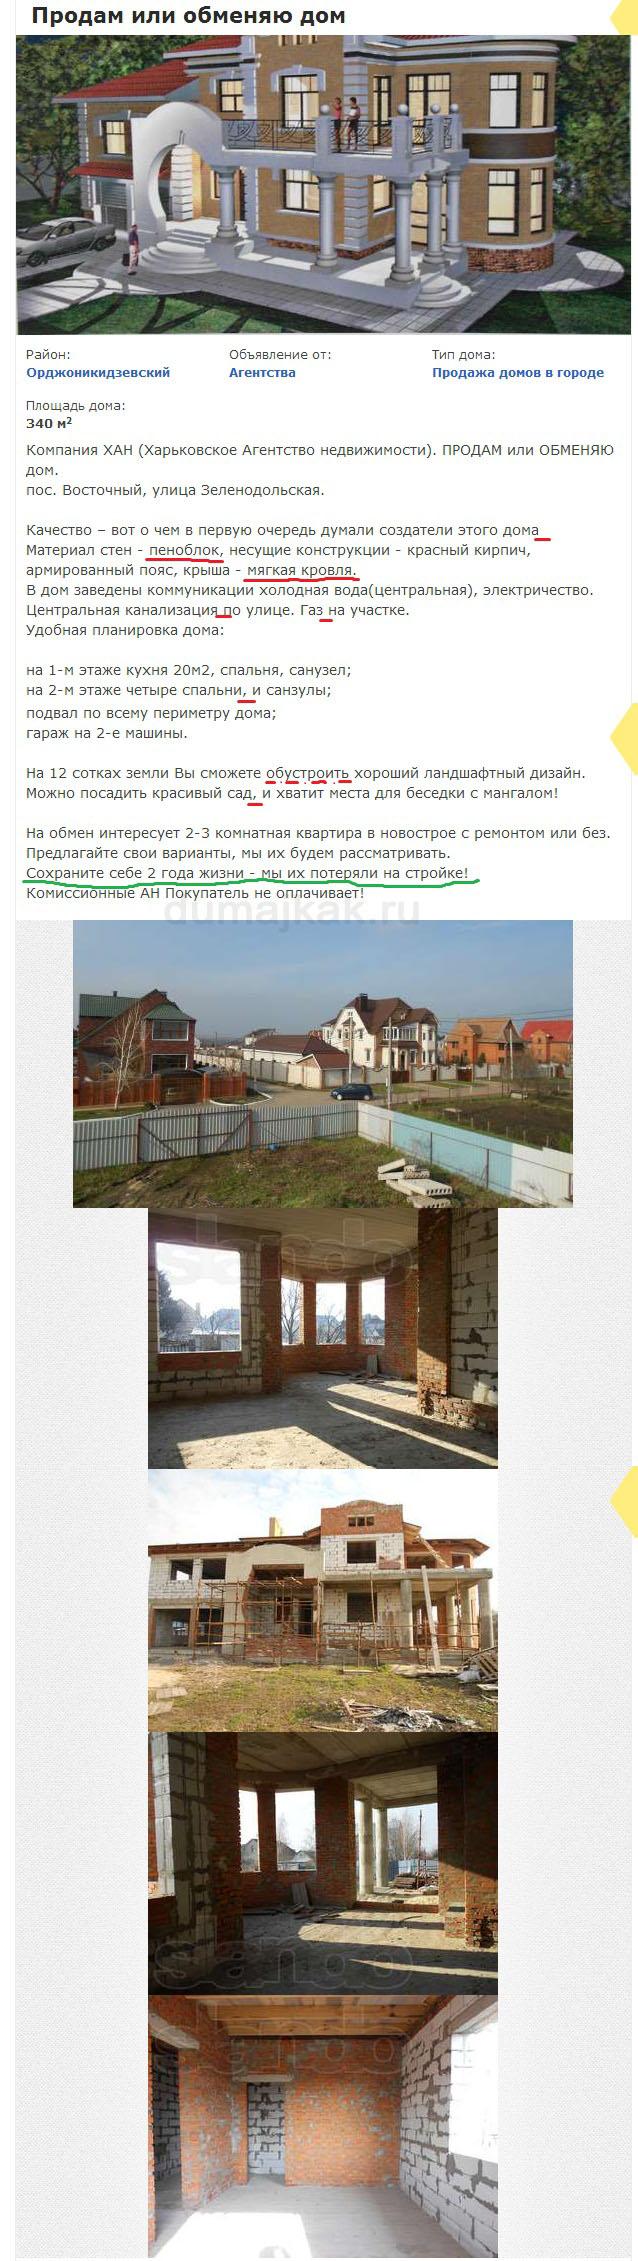 пример продающего текста агентство недвижимости